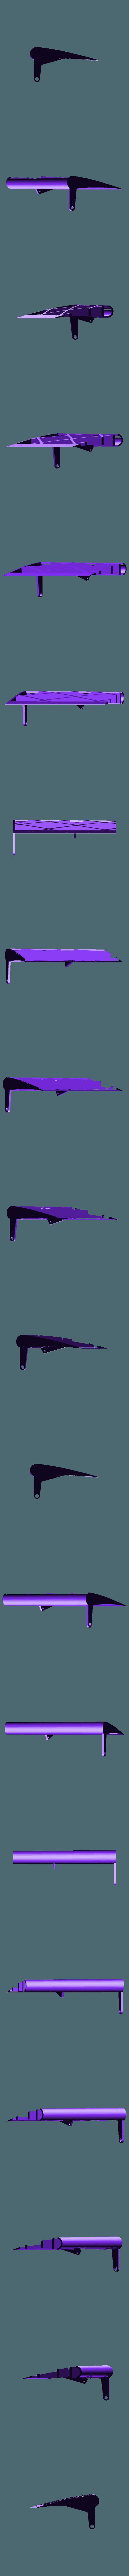 Flap_1R_Scaled.stl Télécharger fichier STL gratuit Module HF3D : Plan imprimé 3D • Modèle pour imprimante 3D, FurEter